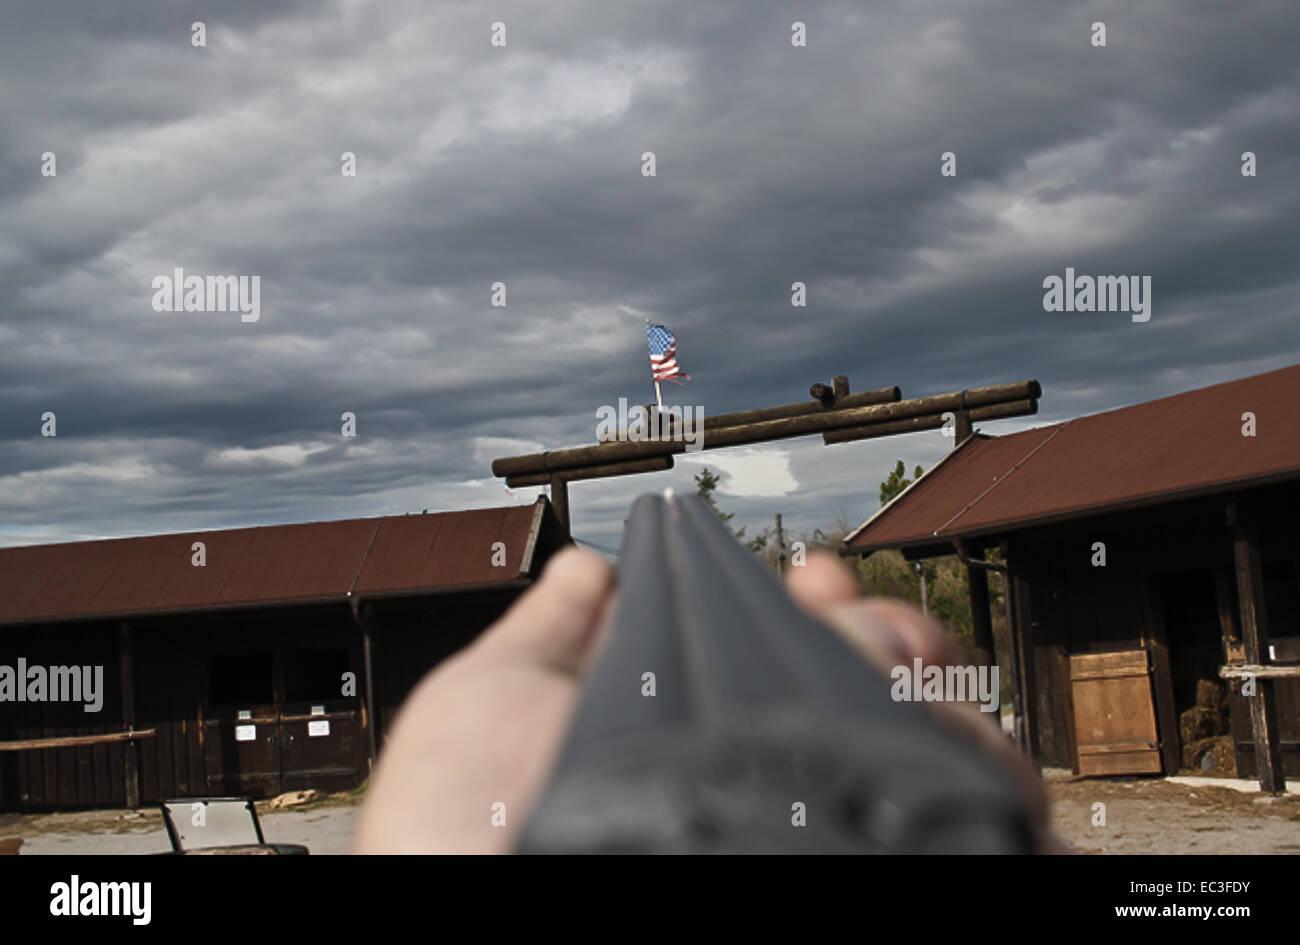 GUn shoots on USA flag - Stock Image